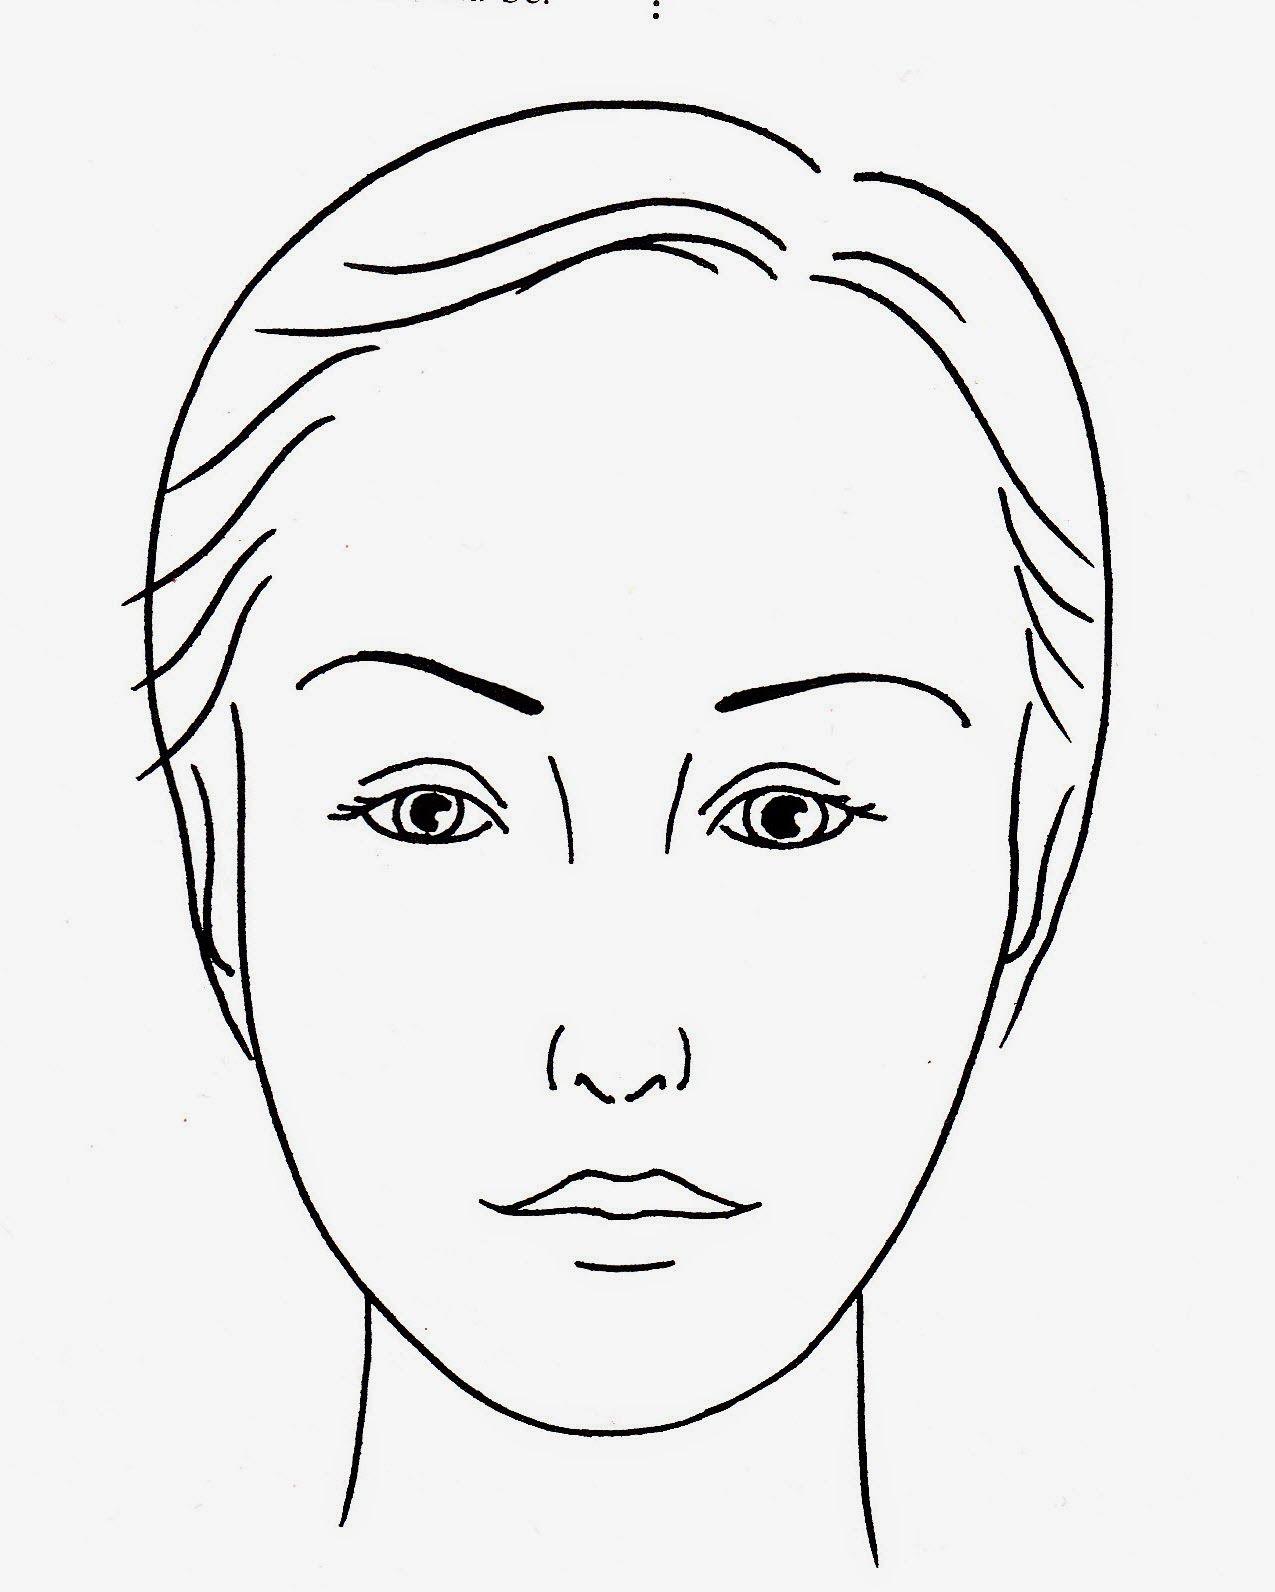 раскраска лицо человека для макияжа это